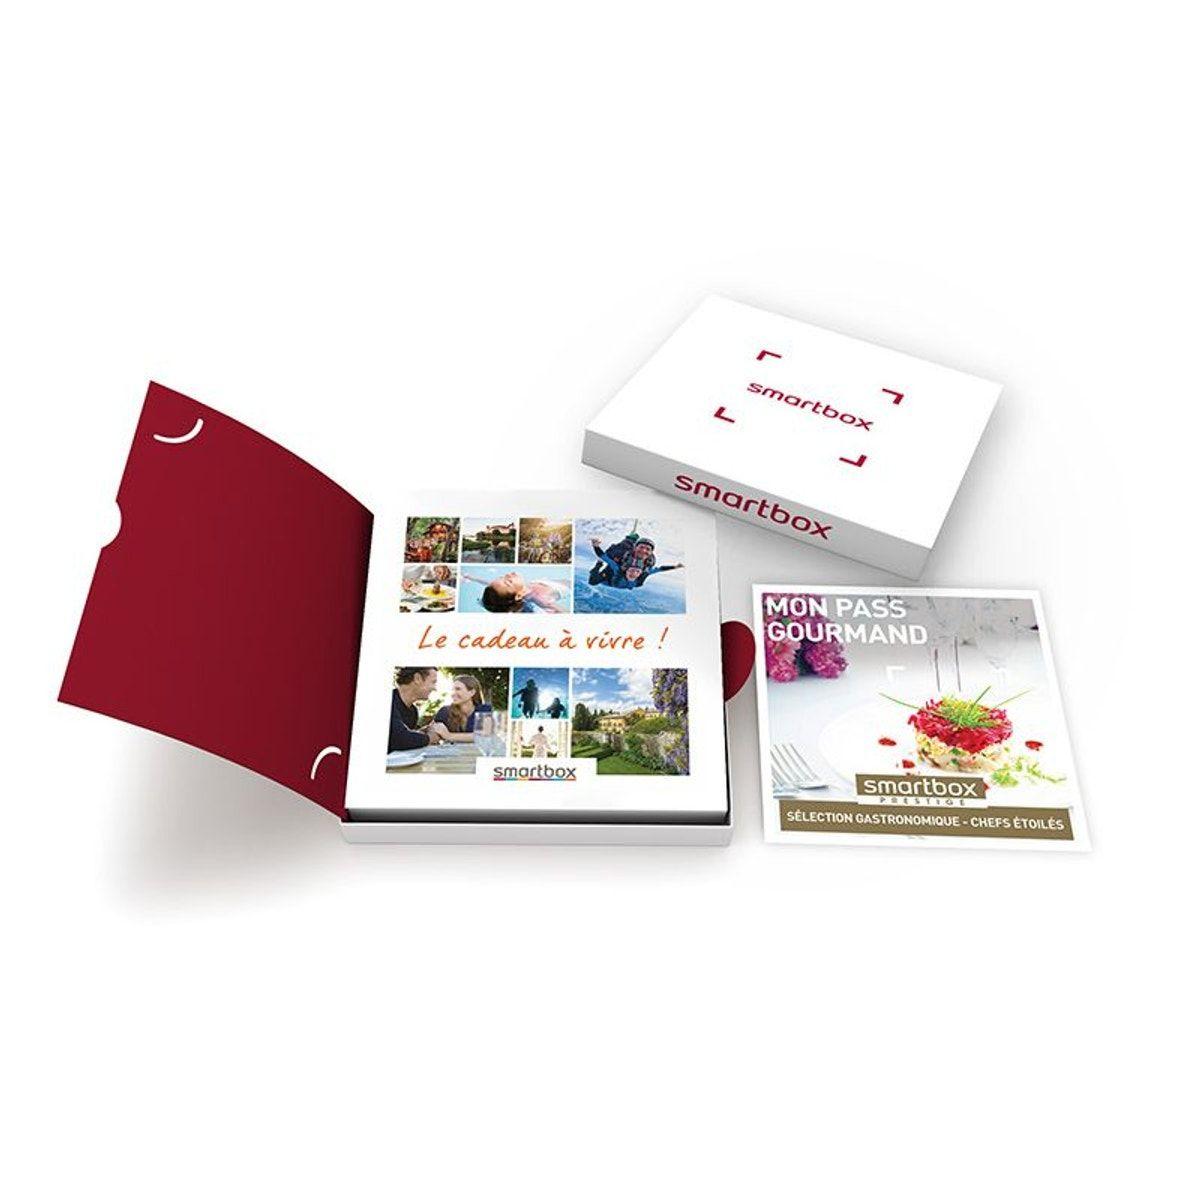 Selection Gastronomique Chefs Etoiles Smartbox Coffret Cadeau